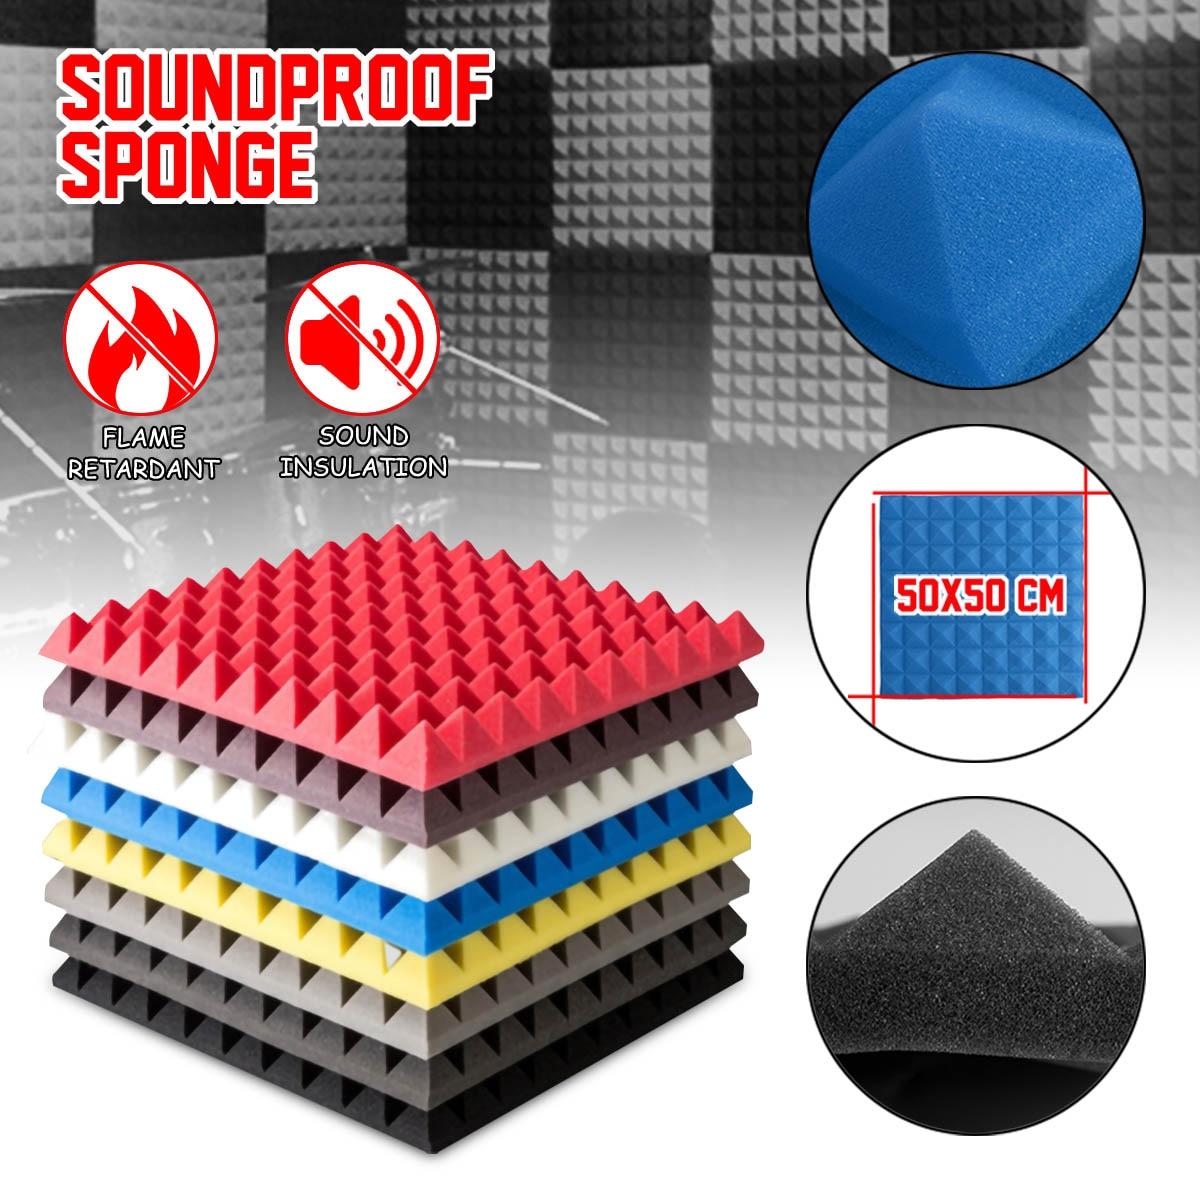 6 قطعة عازل للصوت رغوة رغوة صوتية معالجة الصوت امتصاص إسفين البلاط رغوة البولي يوريثين 500x500 مللي متر الضوضاء الإسفنج